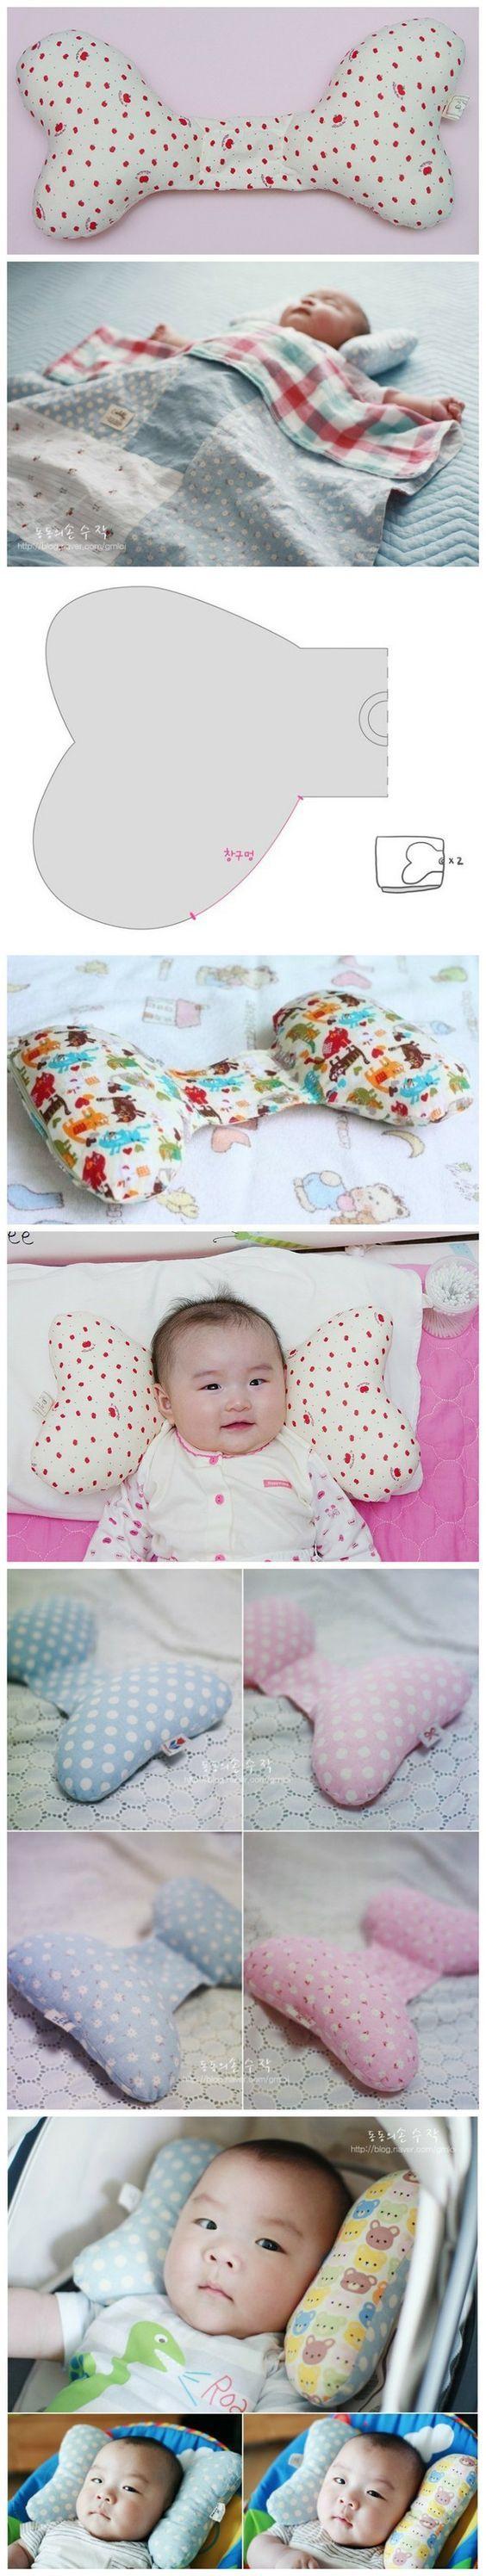 travesseiro para bebebabby: